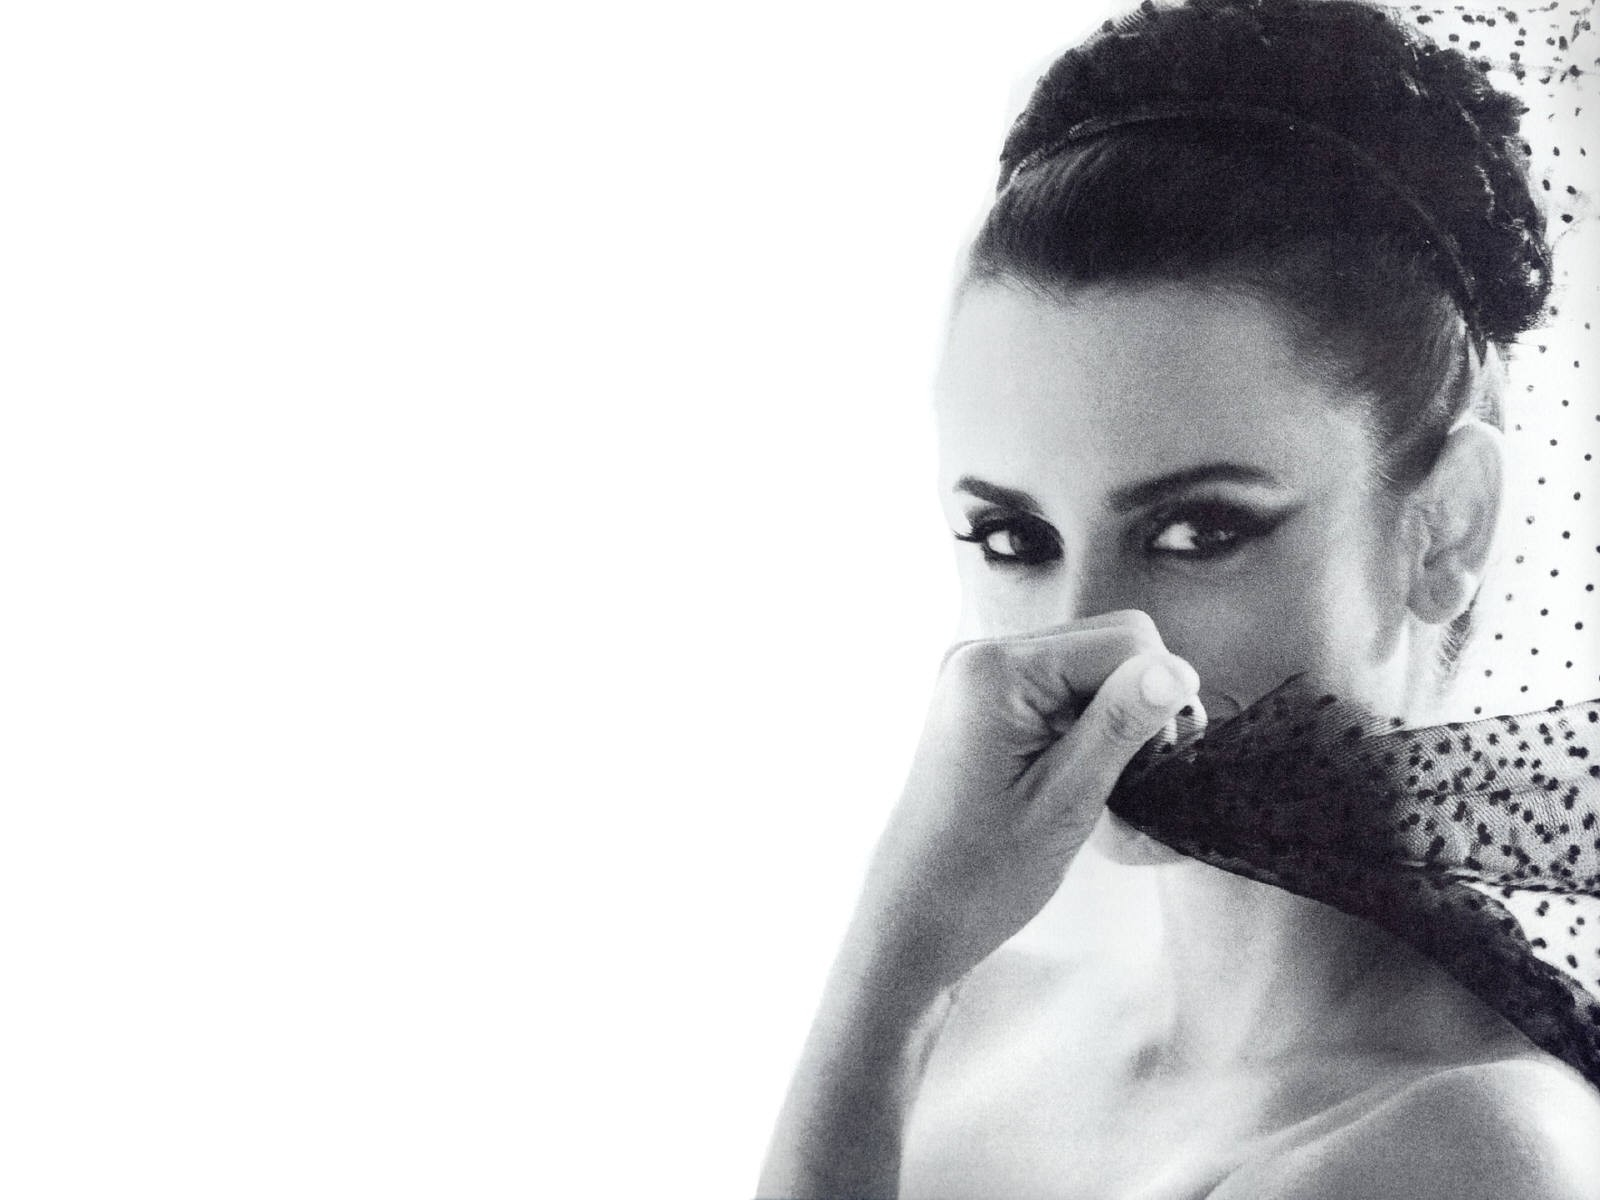 Wallpaper - una maliziosa e raffinata Penelope Cruz